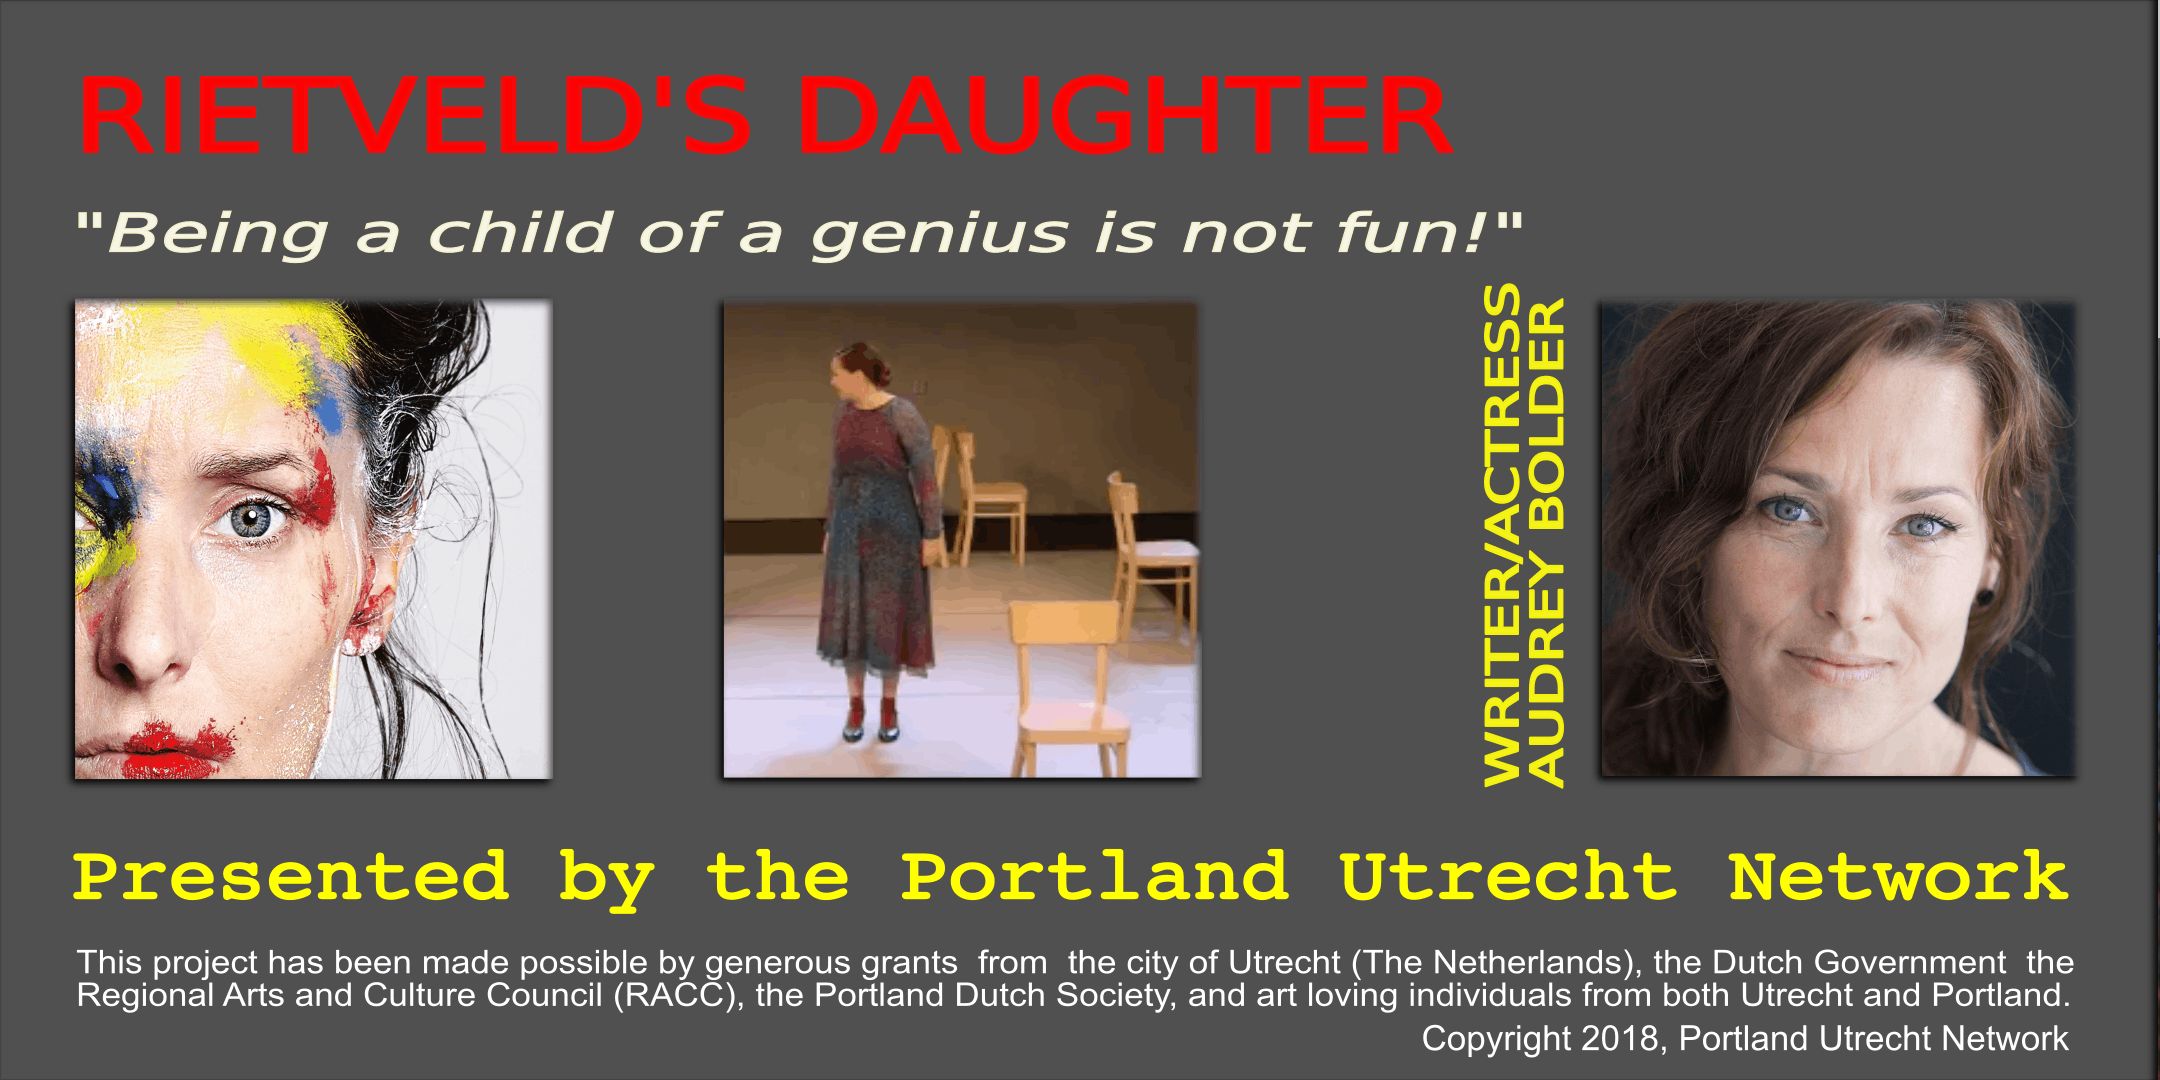 Rietveld's Daughter